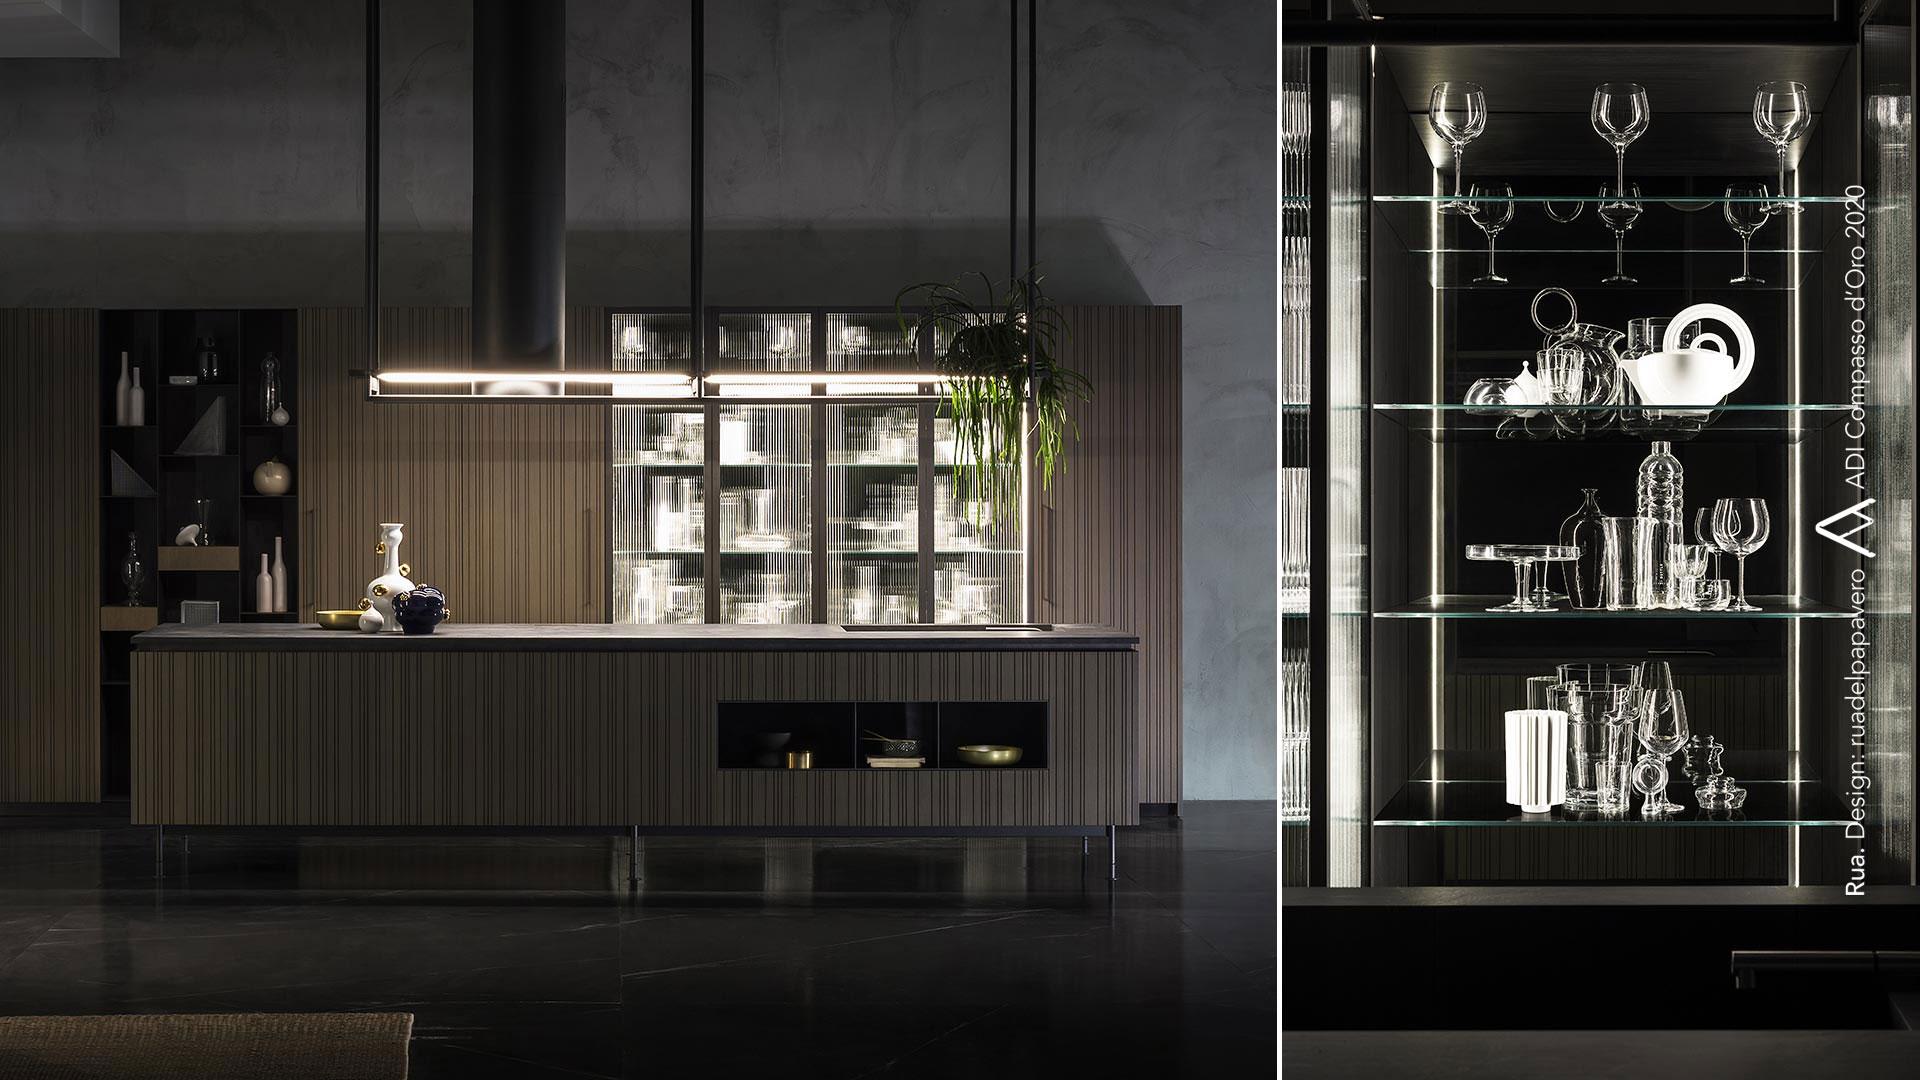 Cucina con isola e cucina il legno collezione RUA - collezione_rua-007